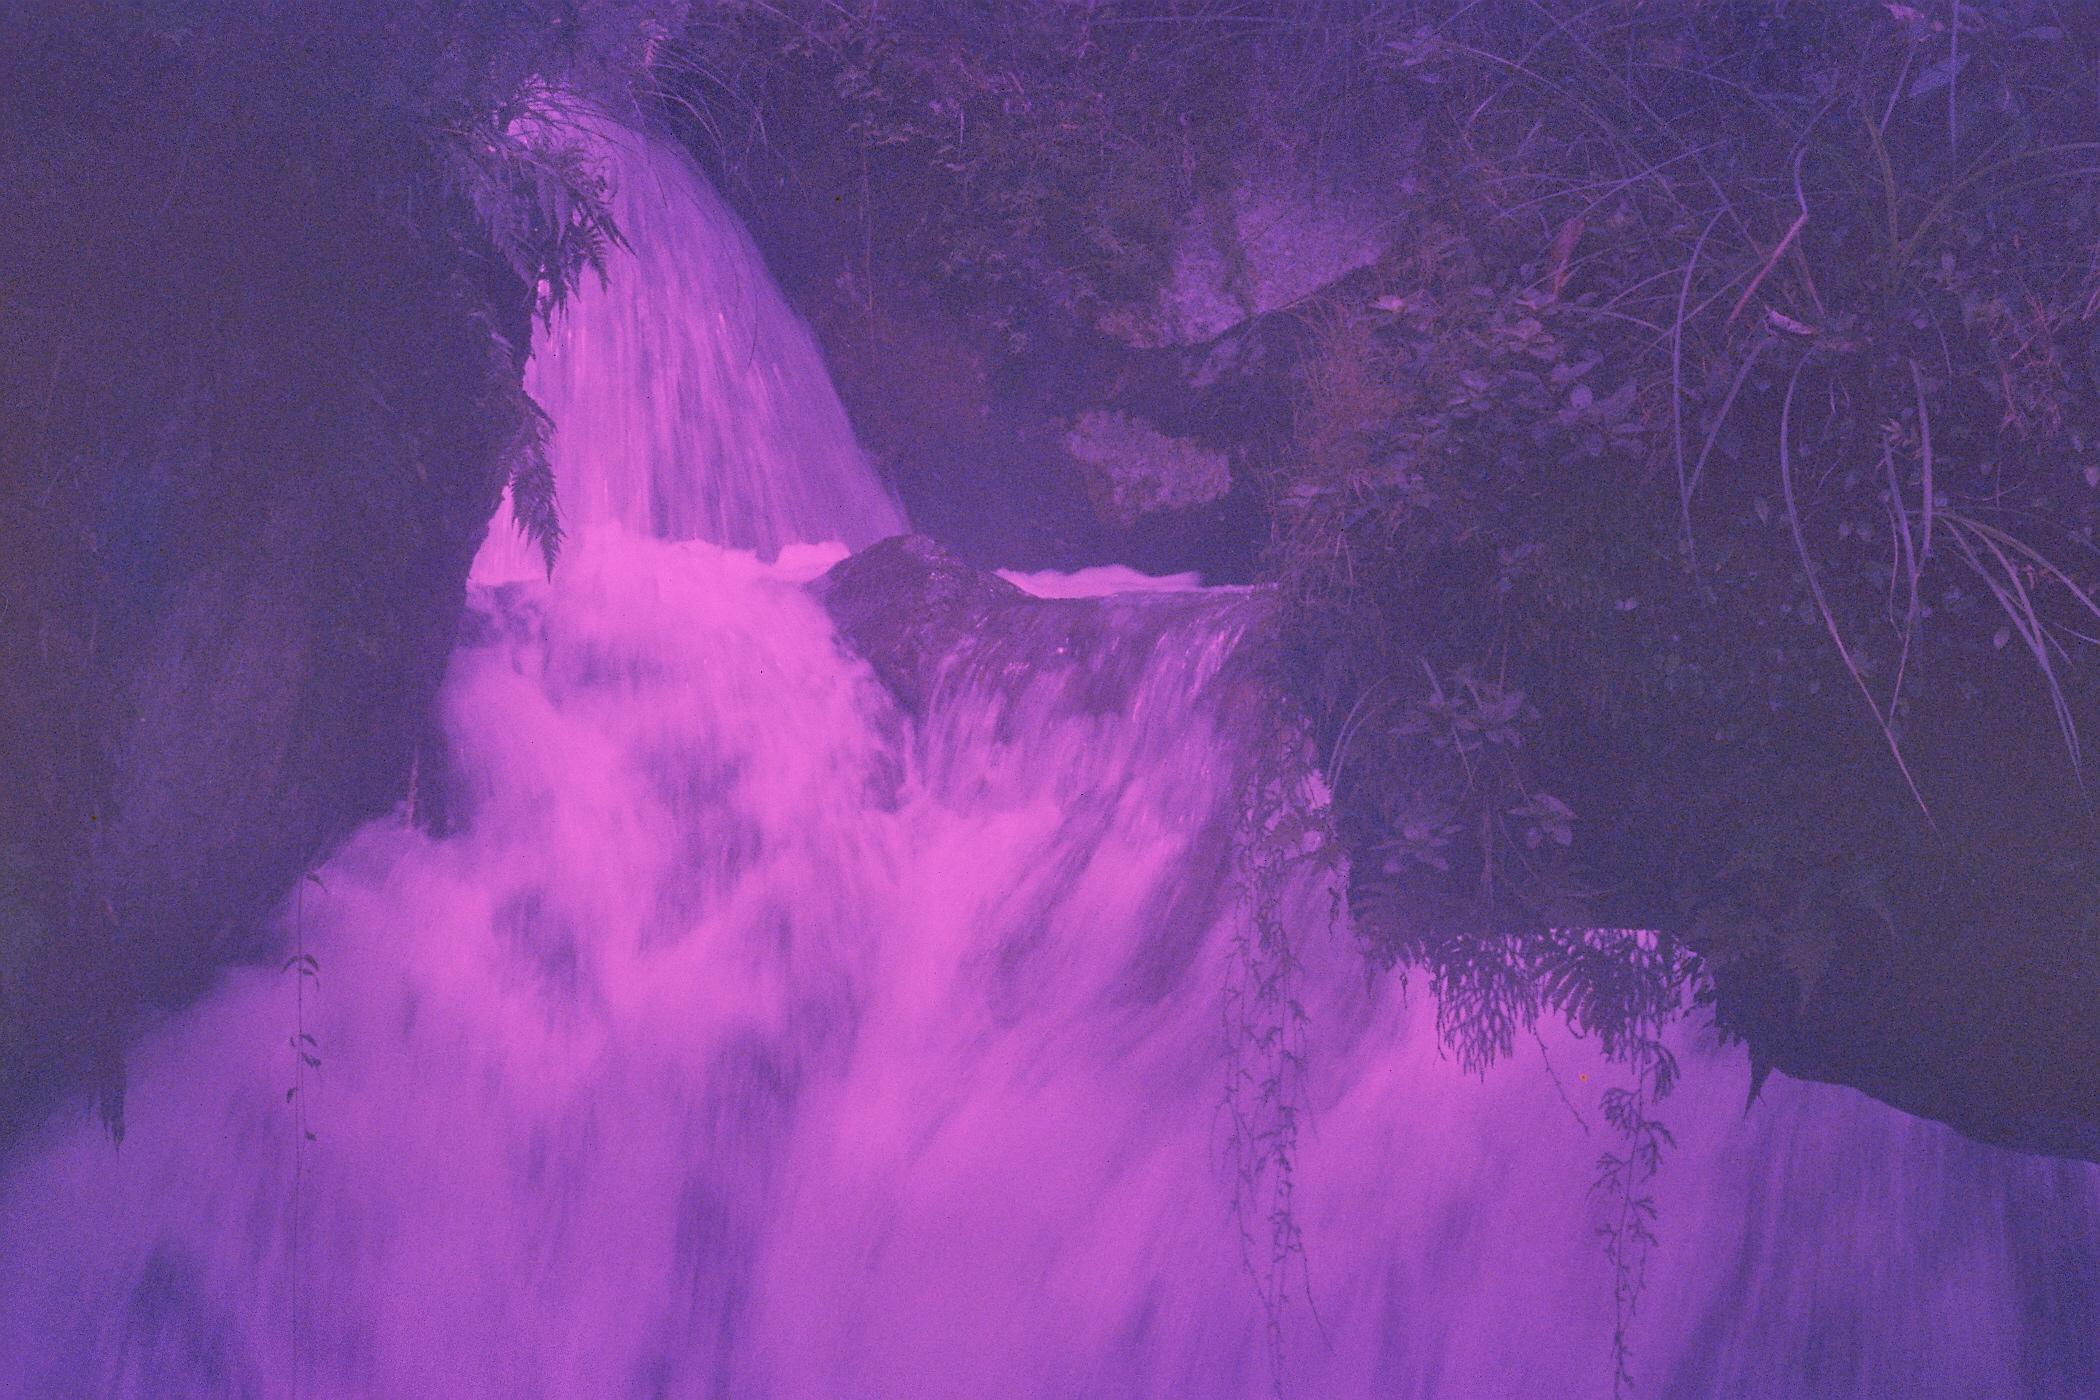 奇幻的瀑布照